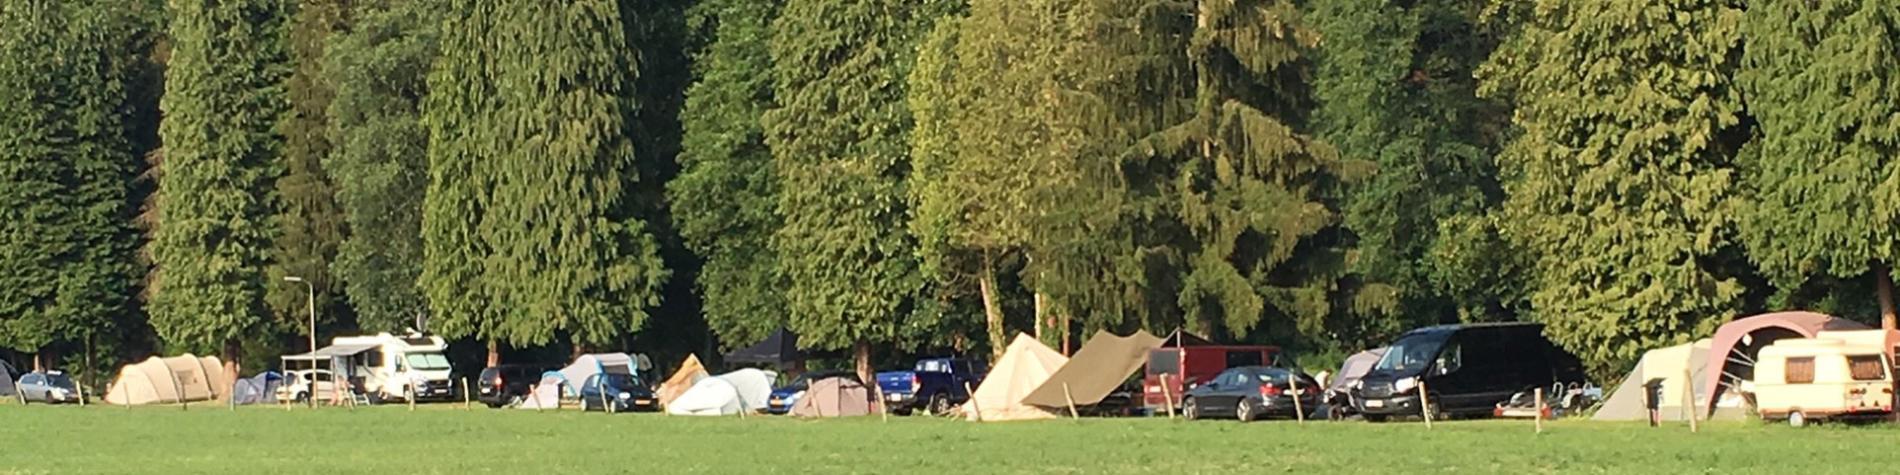 Camping en Wallonie - camp - campement - bivouac - caravane - Glawan